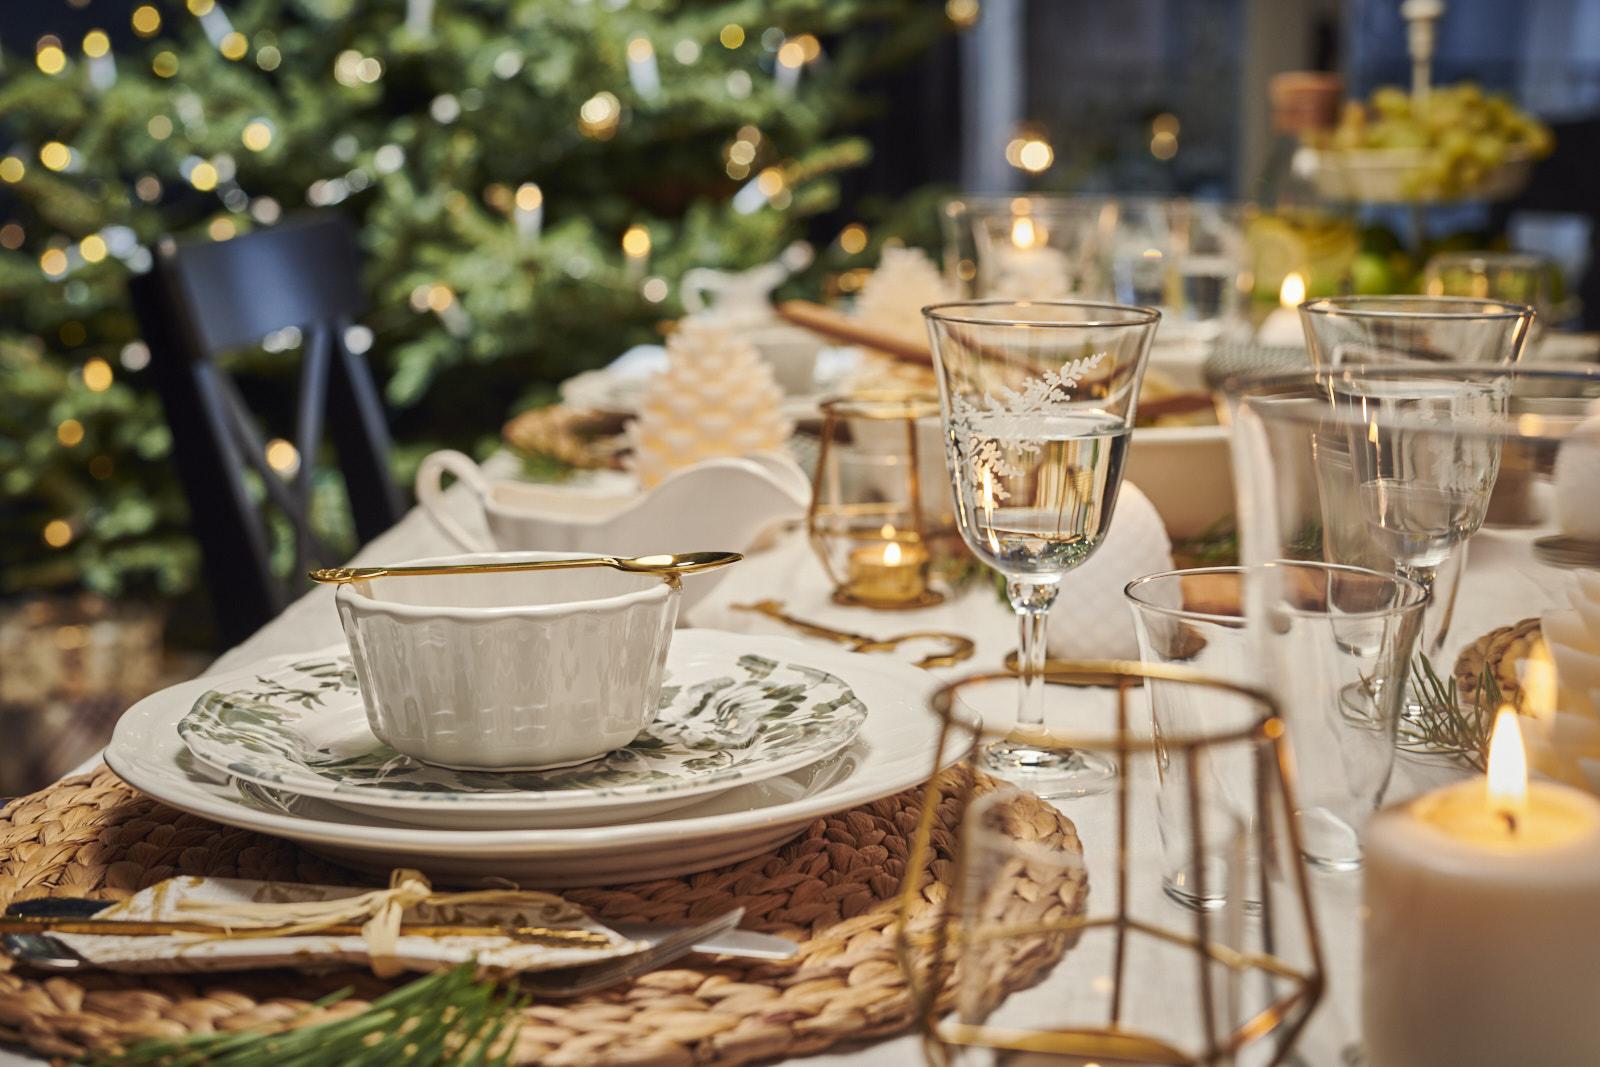 Niech żyją zimowe wieczory przy świątecznym stole! Zadbaj o magiczną oprawę jadalni